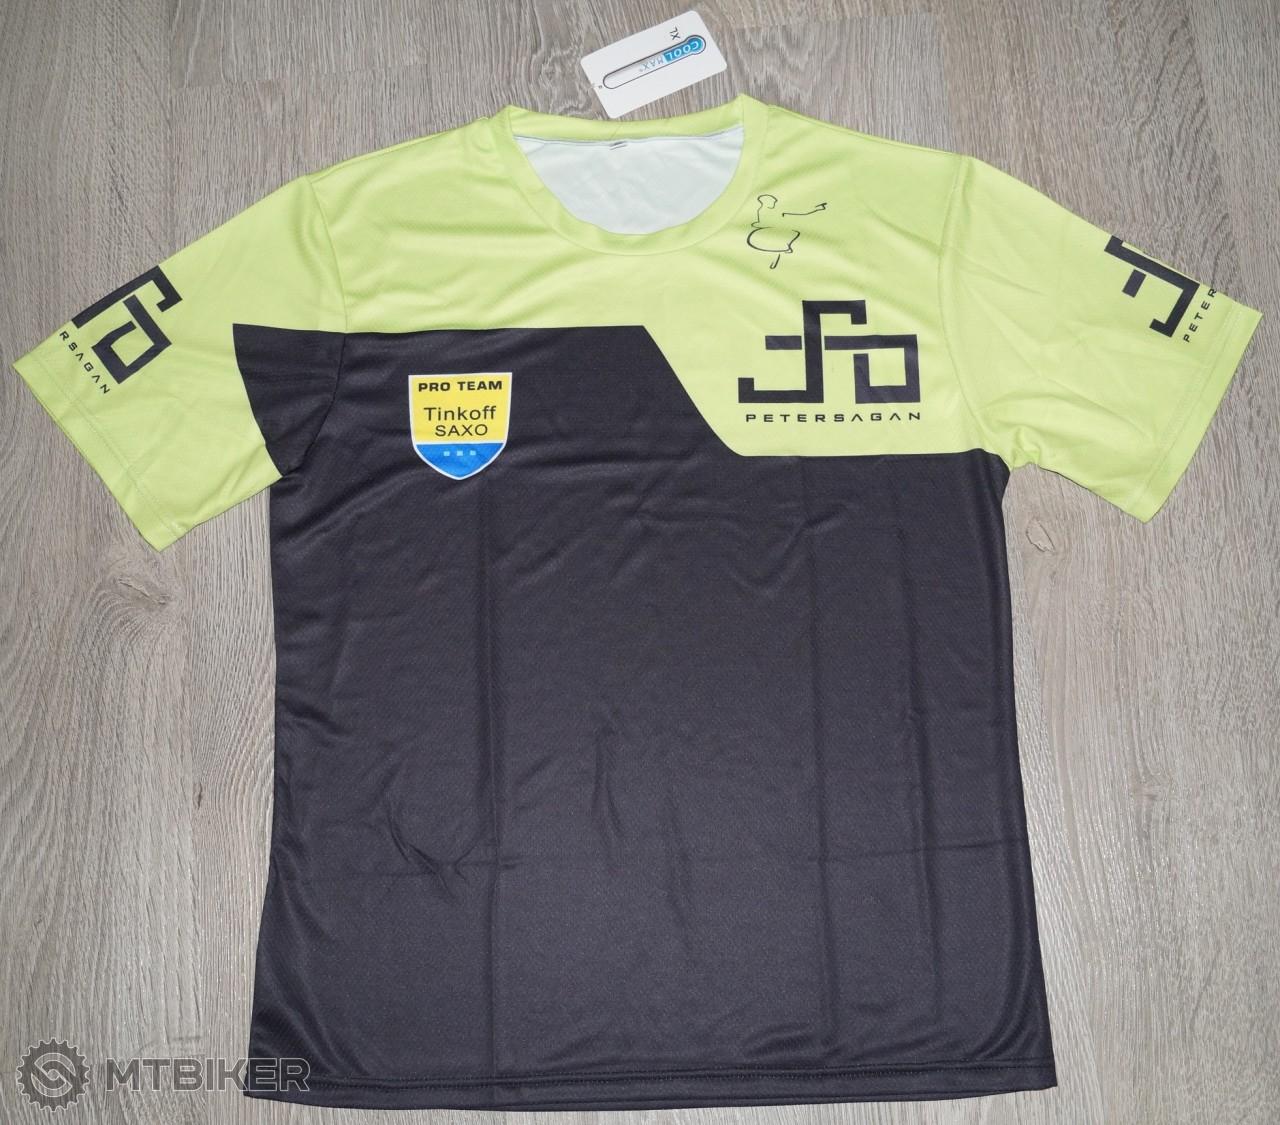 c0111e1230cf8 Tričko Peter Sagan, Tinkoff Saxo Pro Team - Príslušenstvo - Oblečenie a  batohy - Bazár MTBIKER